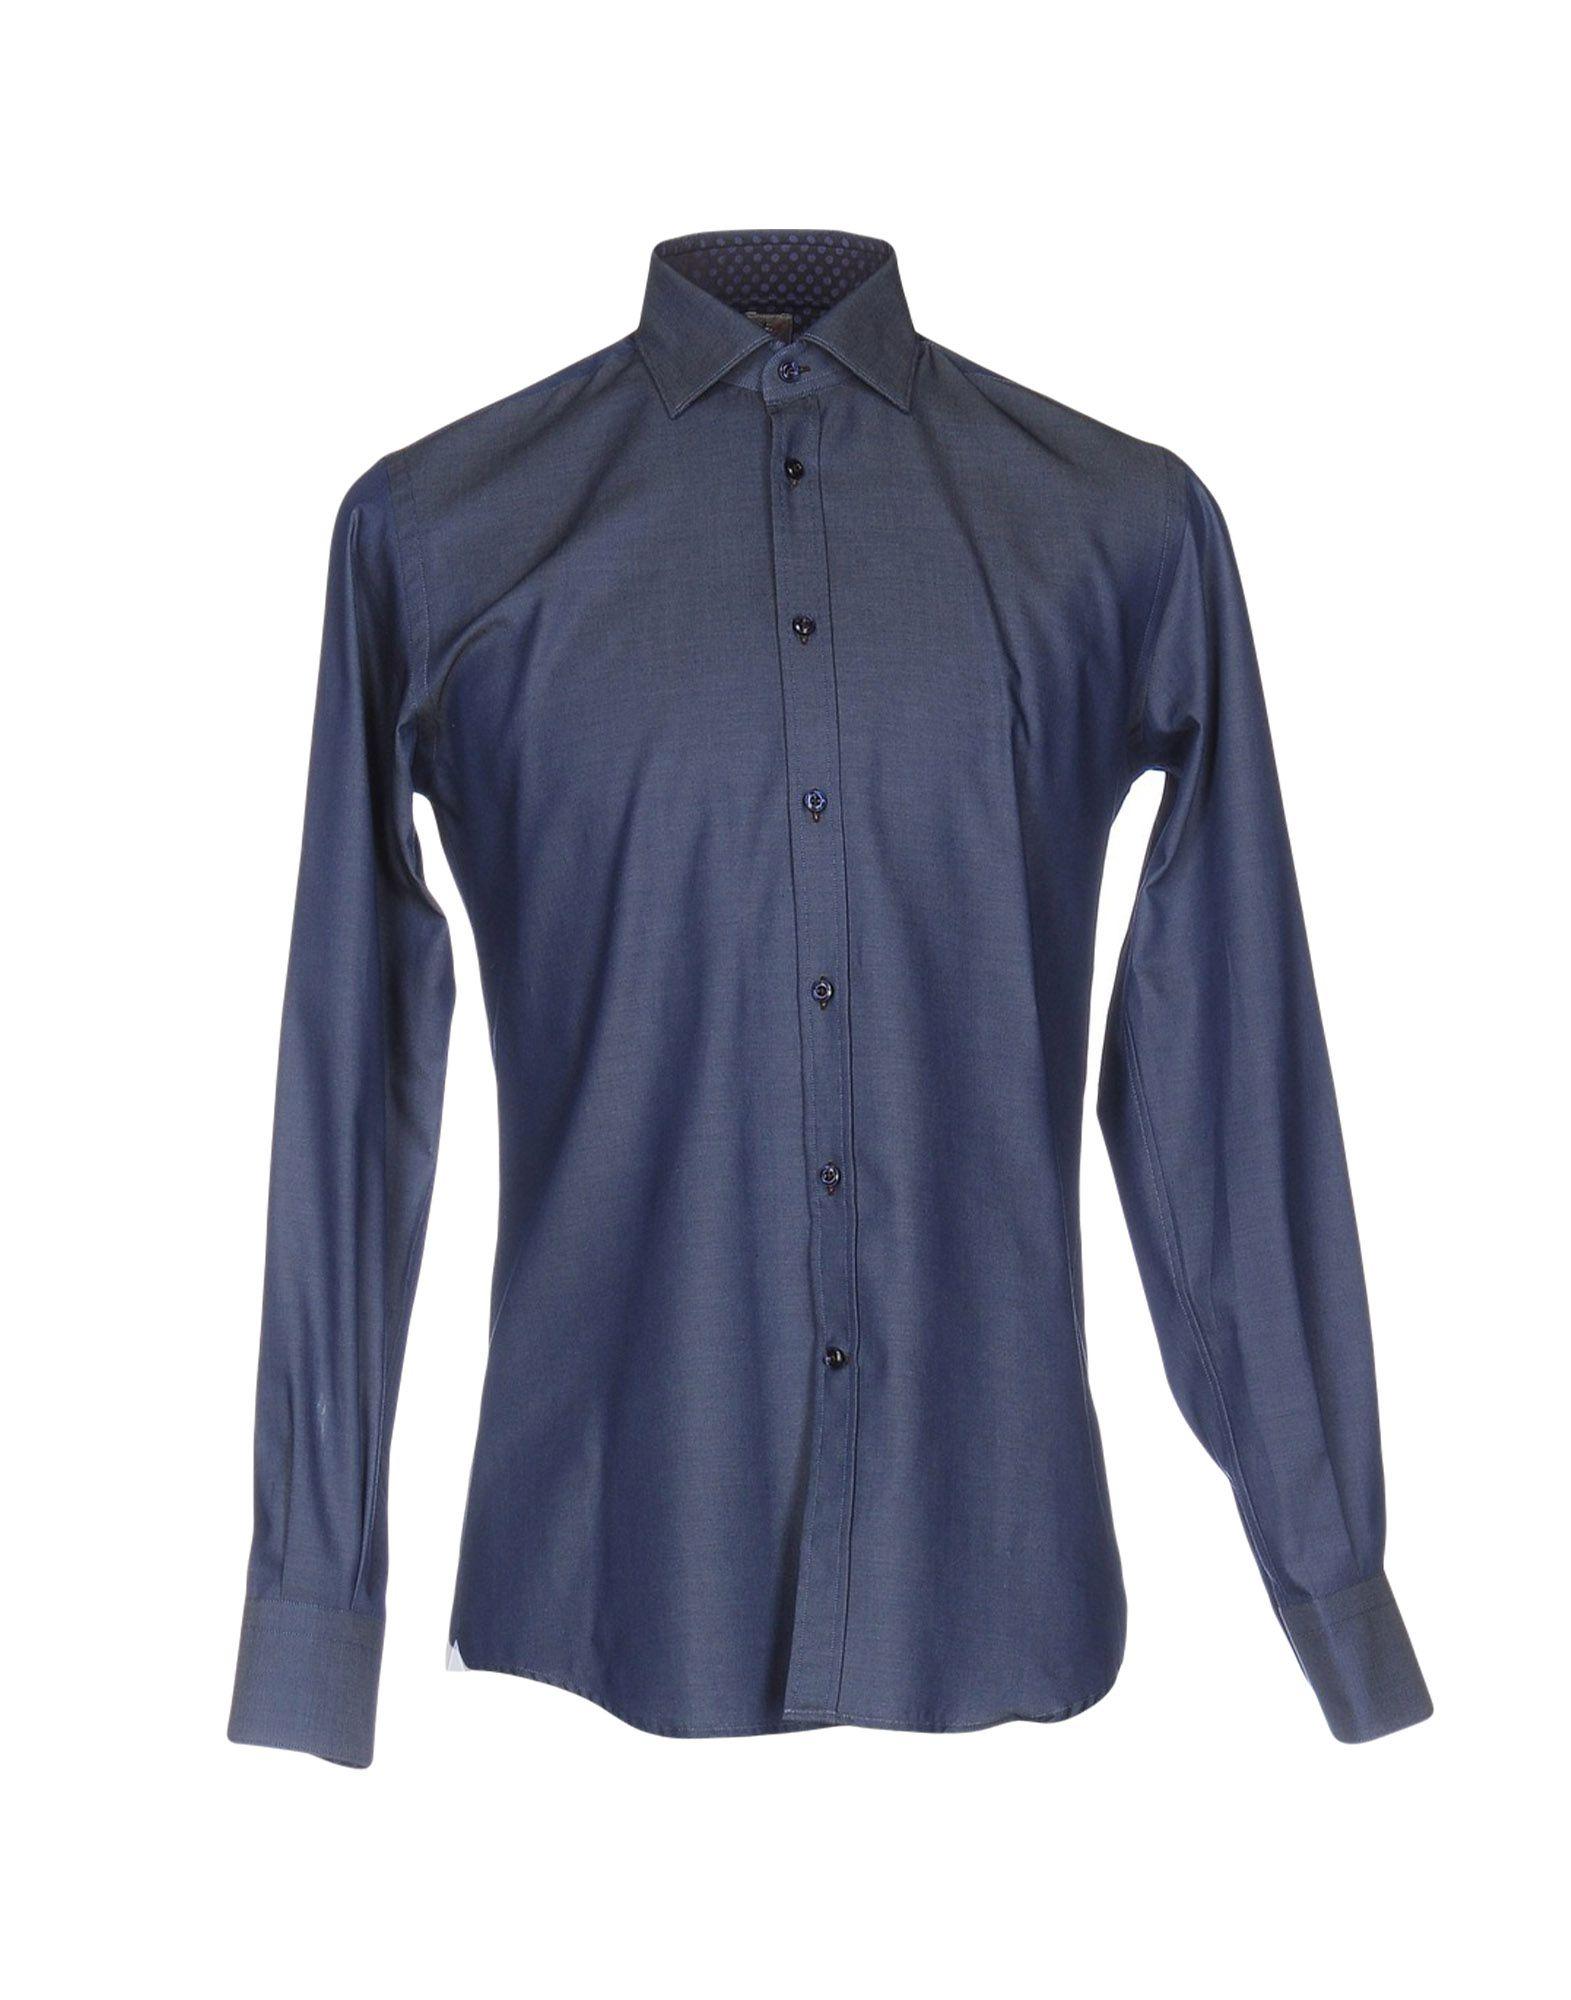 《期間限定 セール開催中》OTTO ASOLE メンズ シャツ ブルーグレー 38 コットン 100%